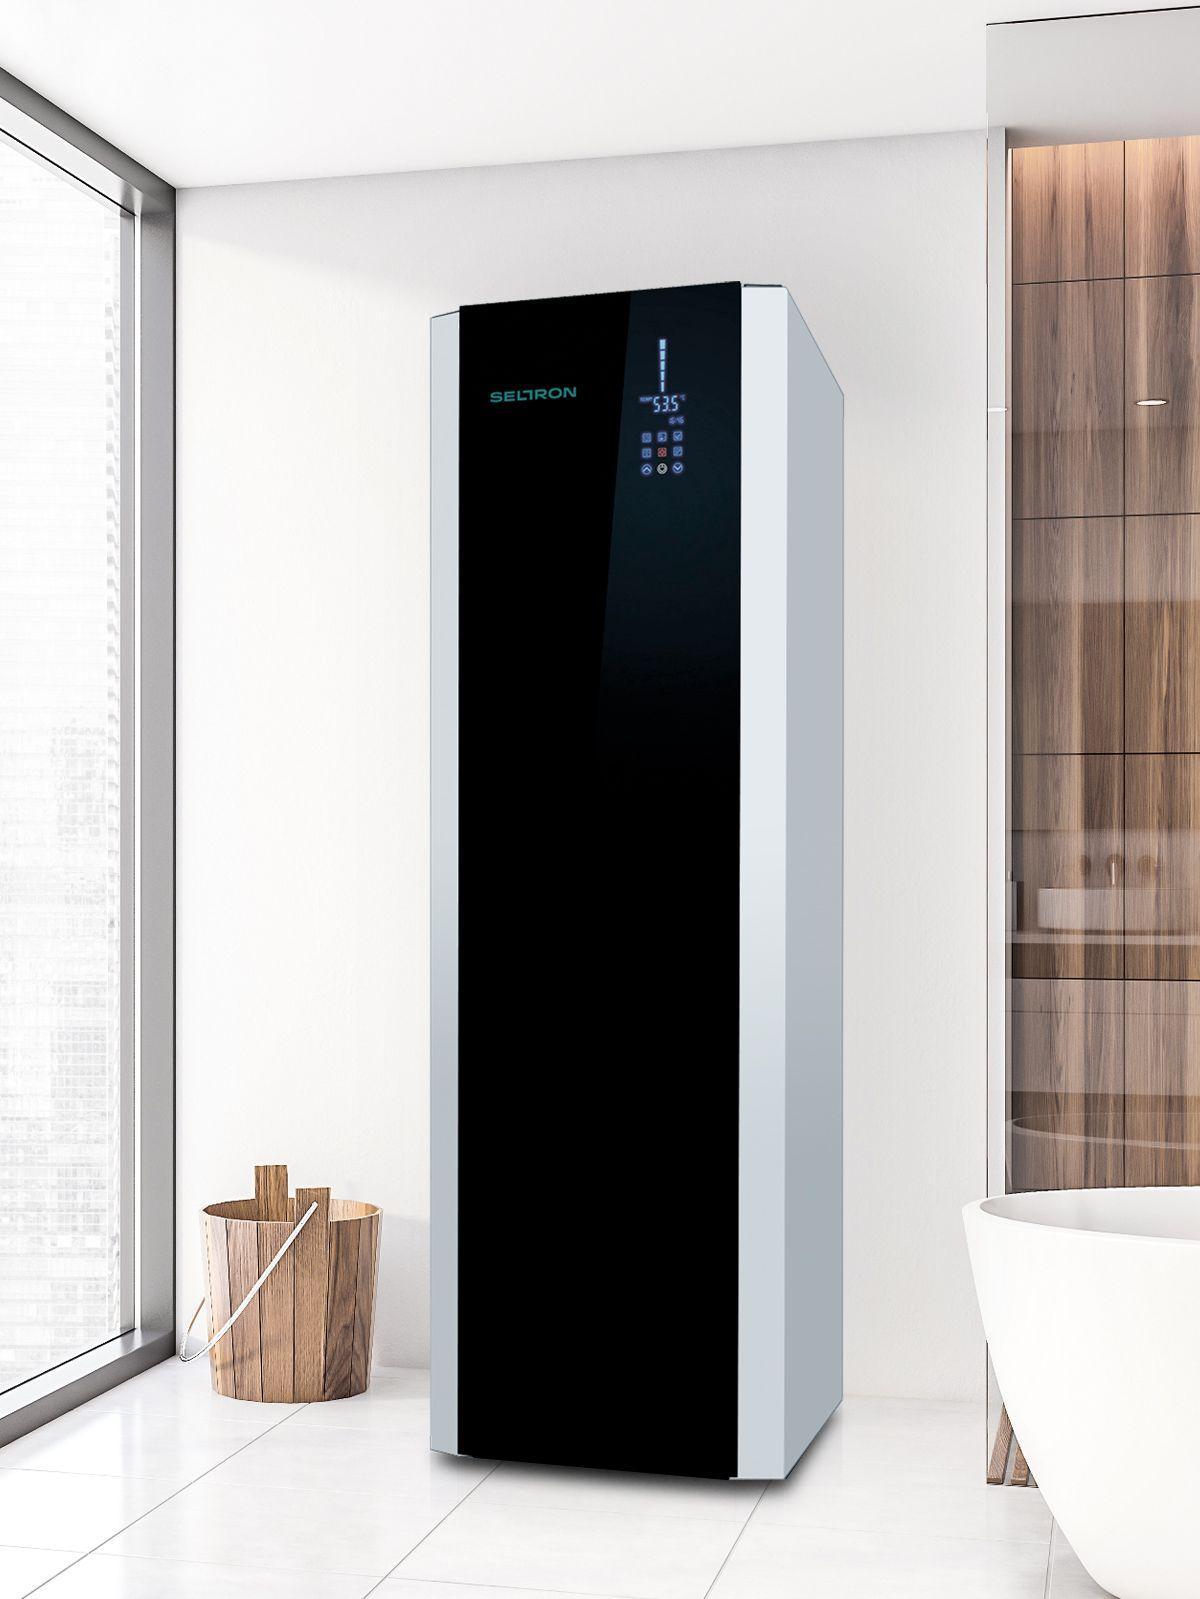 Toplotna črpalka za sanitarno vodo SELTRON SAN 300